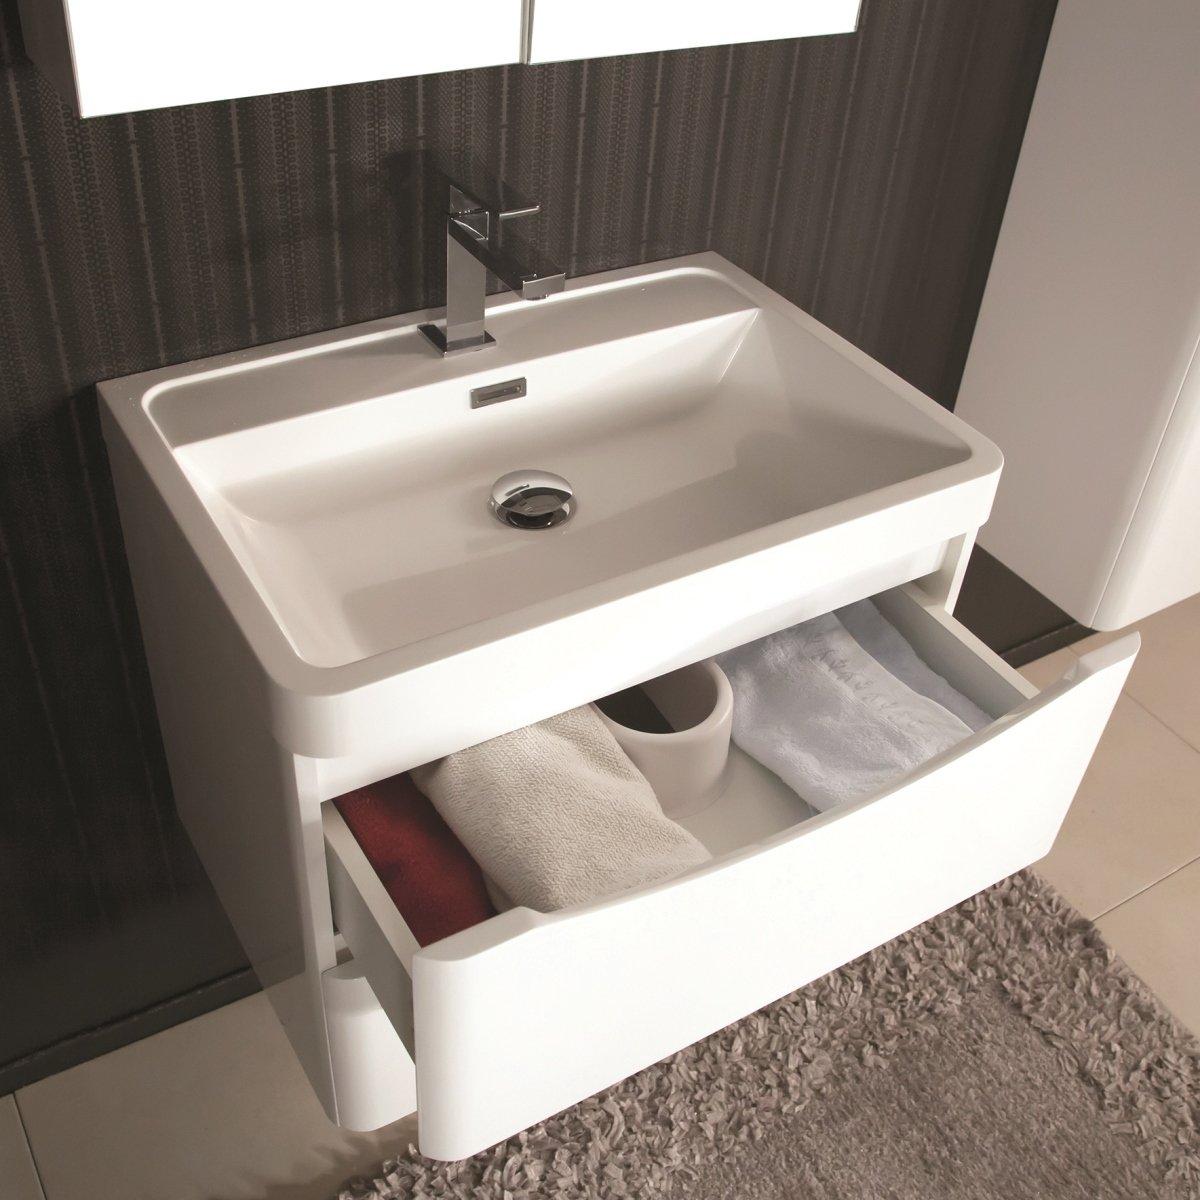 Mobile bagno sospeso moderno 60 cm con lavabo colonna e specchio